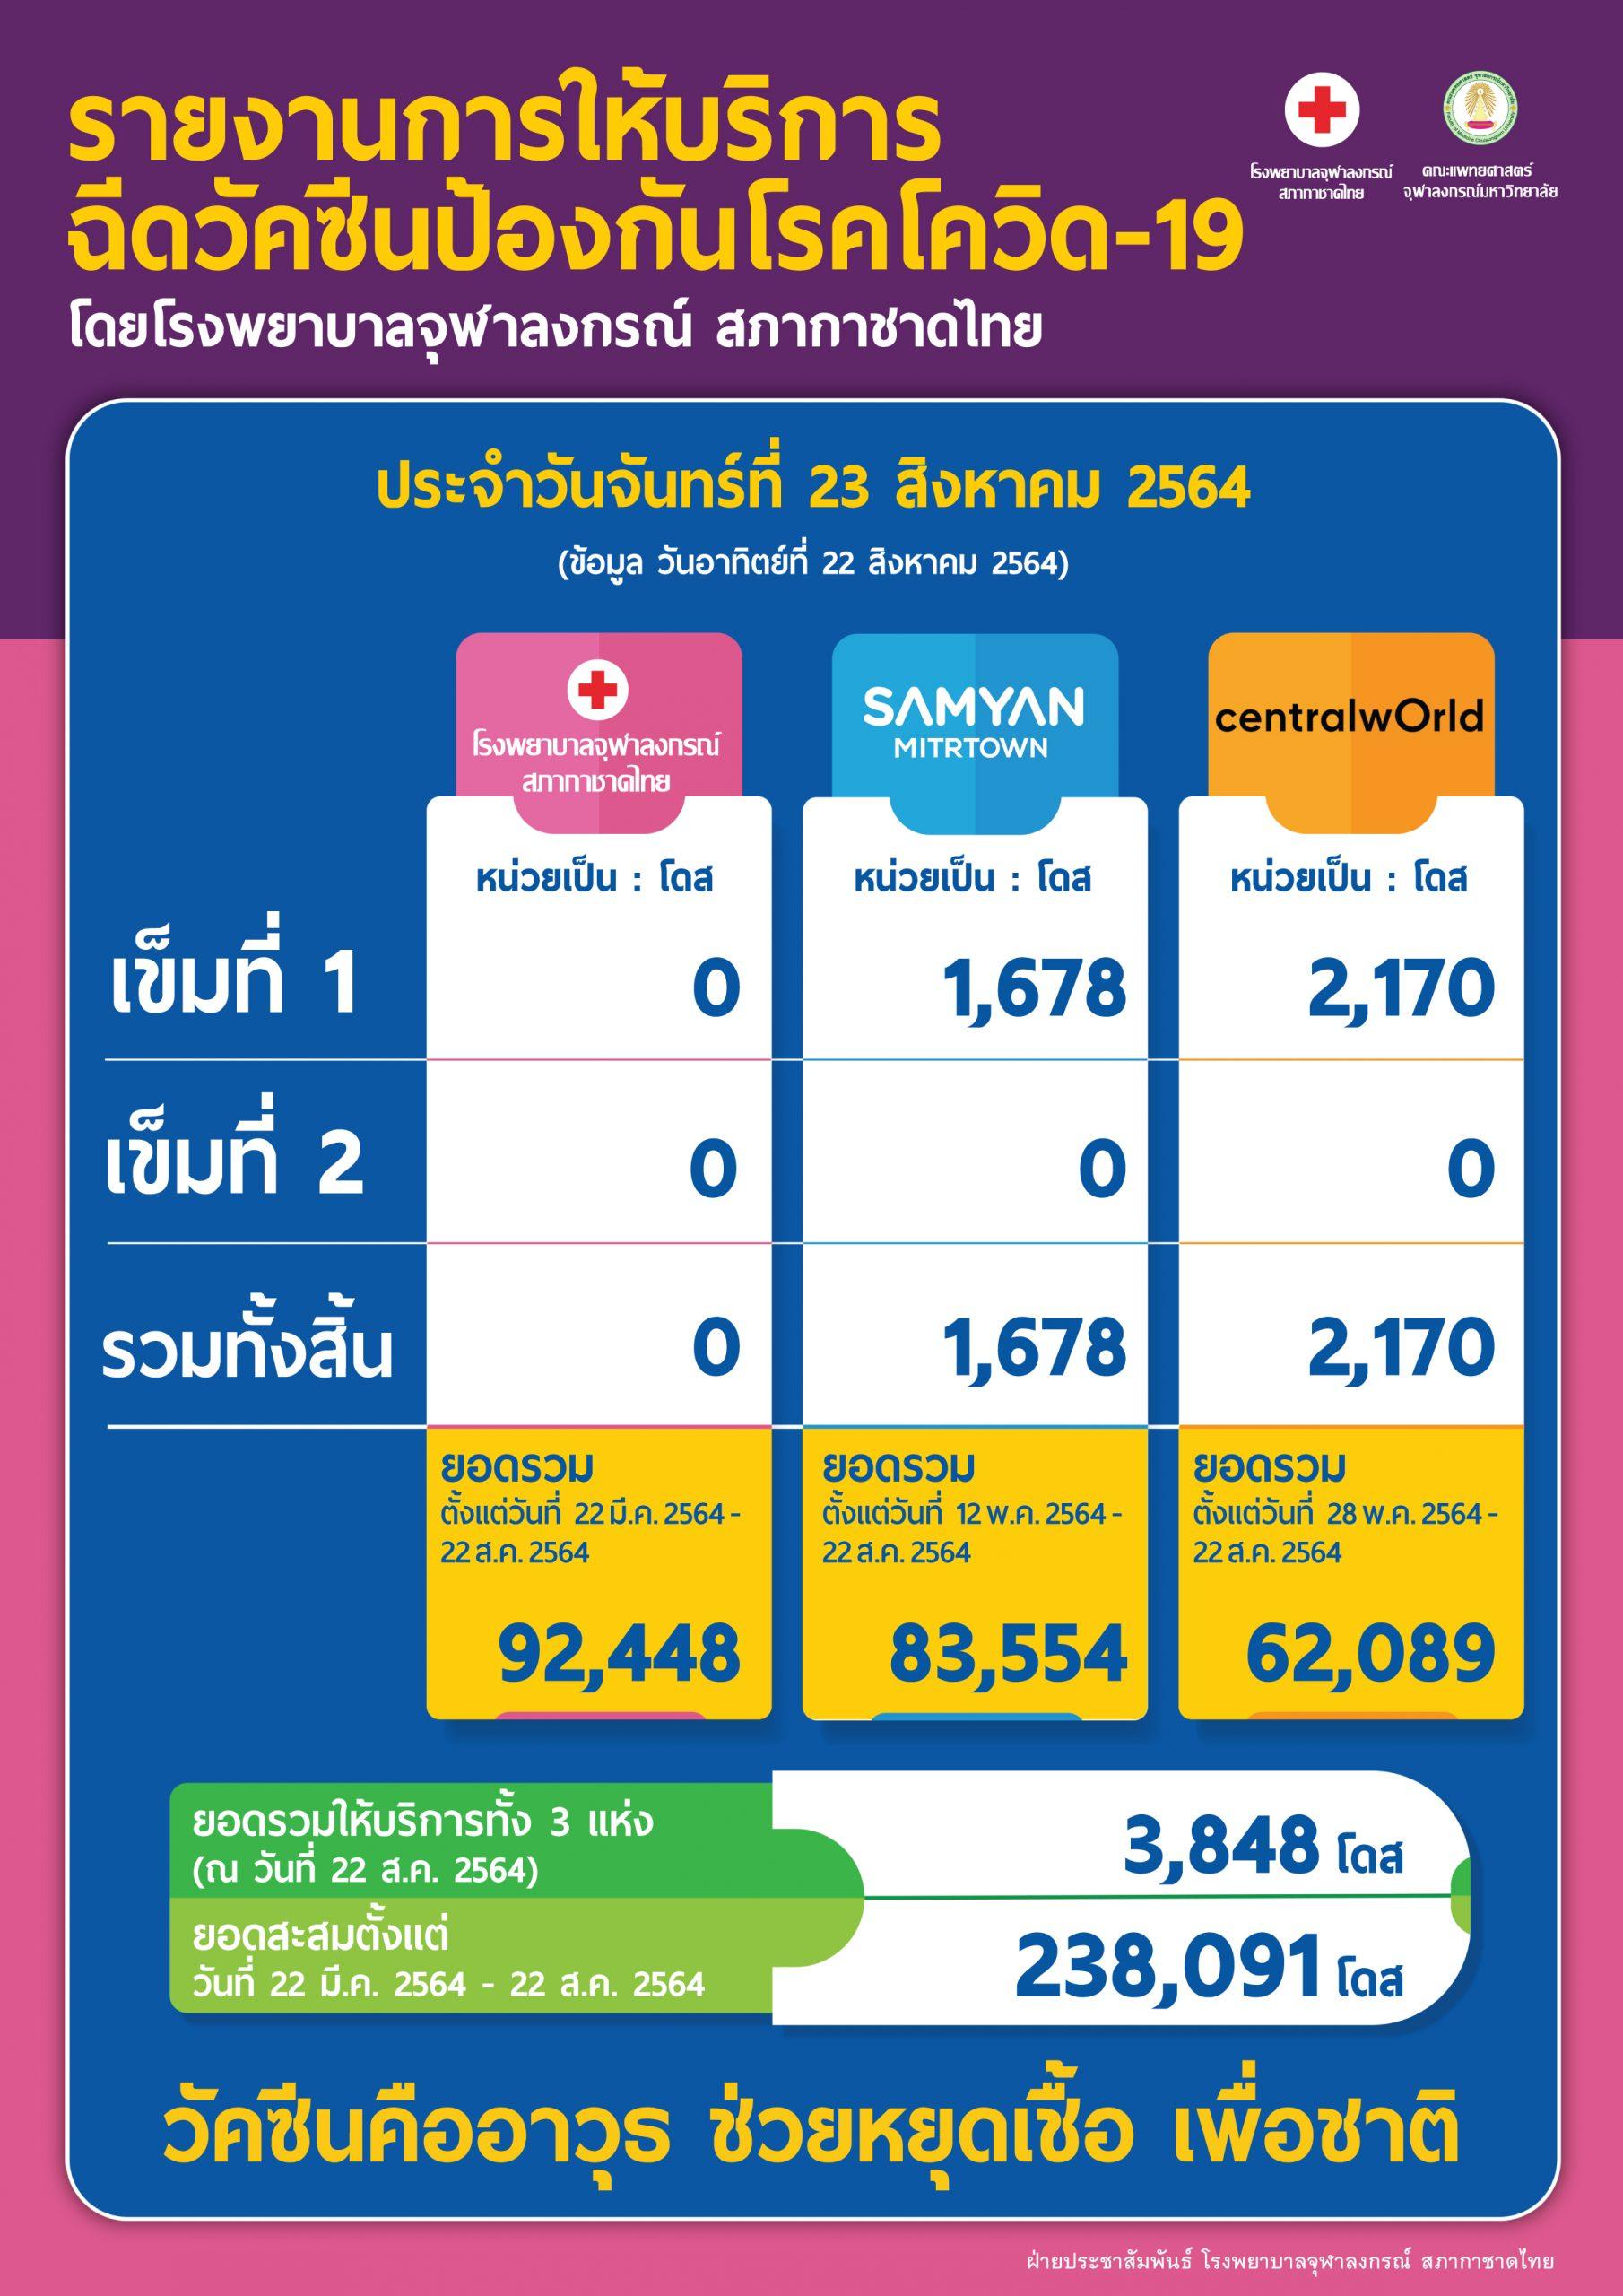 รายงานการให้บริการฉีดวัคซีนป้องกันโรคโควิด-19 โดยโรงพยาบาลจุฬาลงกรณ์ สภากาชาดไทย ประจำวันจันทร์ที่ 23 สิงหาคม 2564